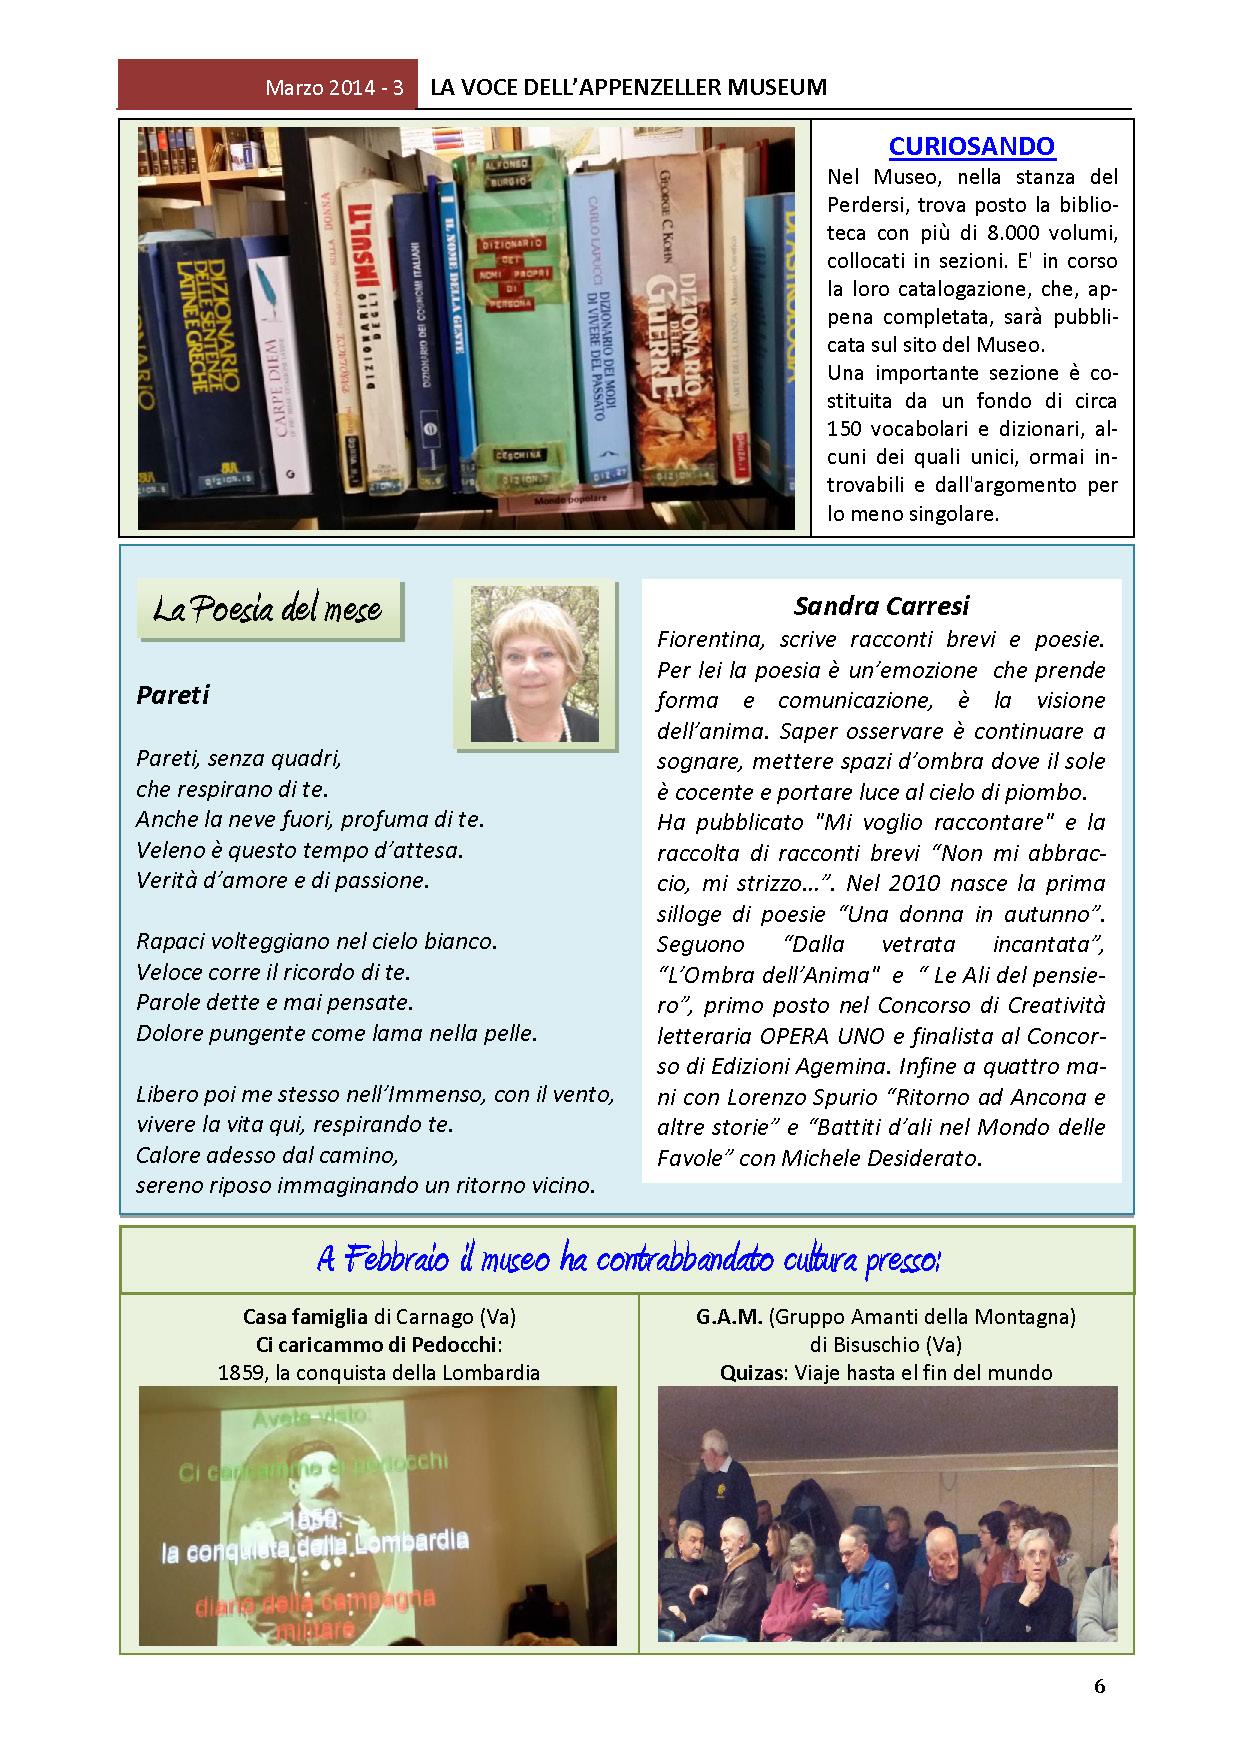 Marzo 2014, n.3, La Voce dell'Appenzeller Museum – Sandra Carresi, Poeta del mese